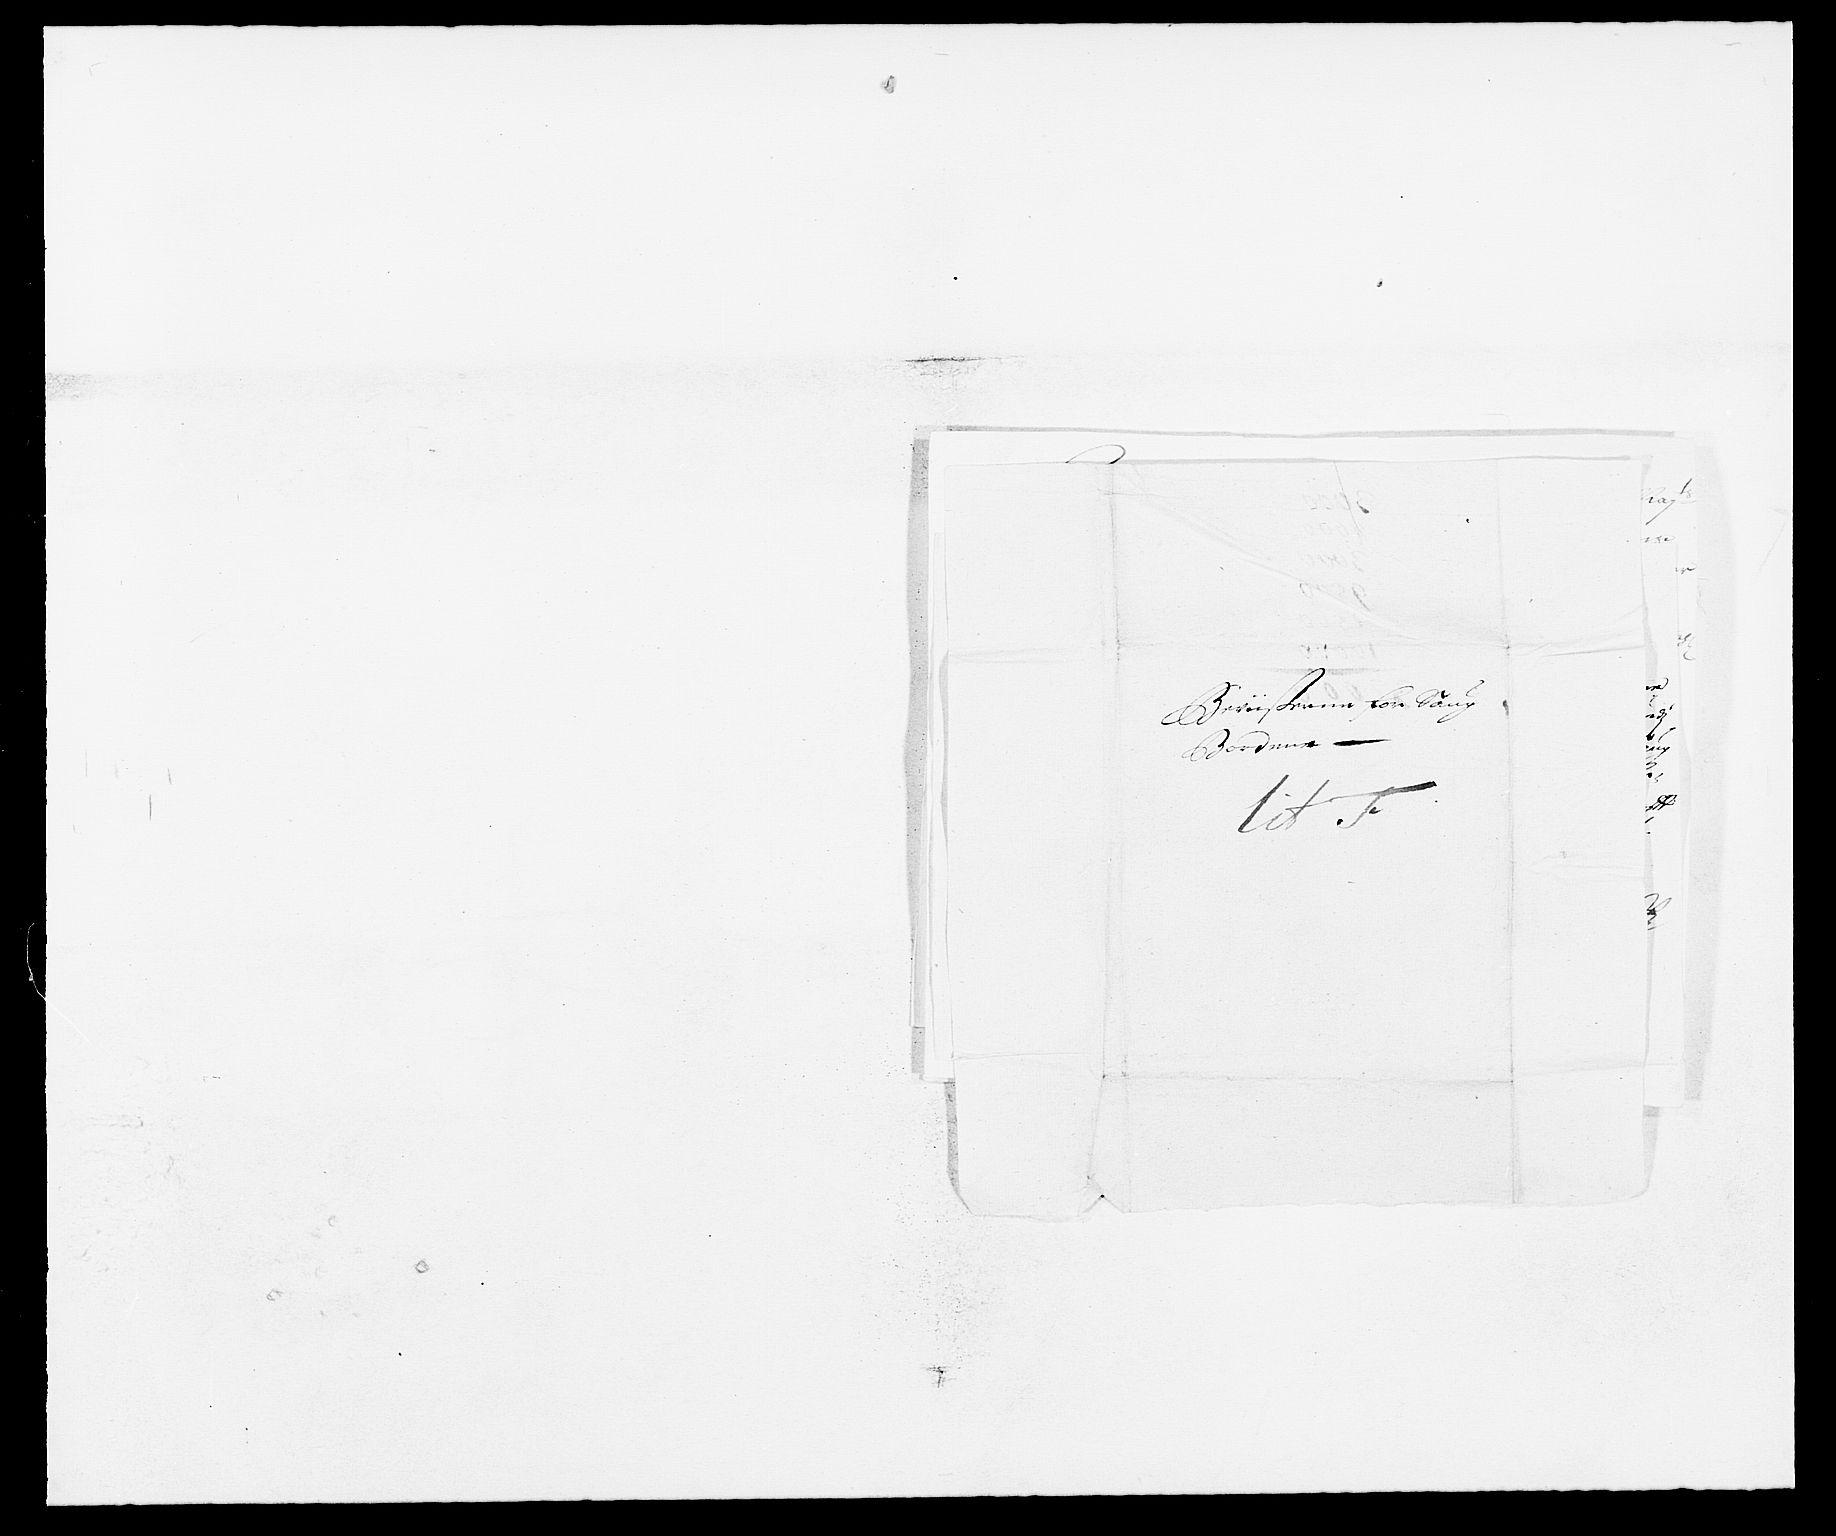 RA, Rentekammeret inntil 1814, Reviderte regnskaper, Fogderegnskap, R13/L0824: Fogderegnskap Solør, Odal og Østerdal, 1687, s. 220